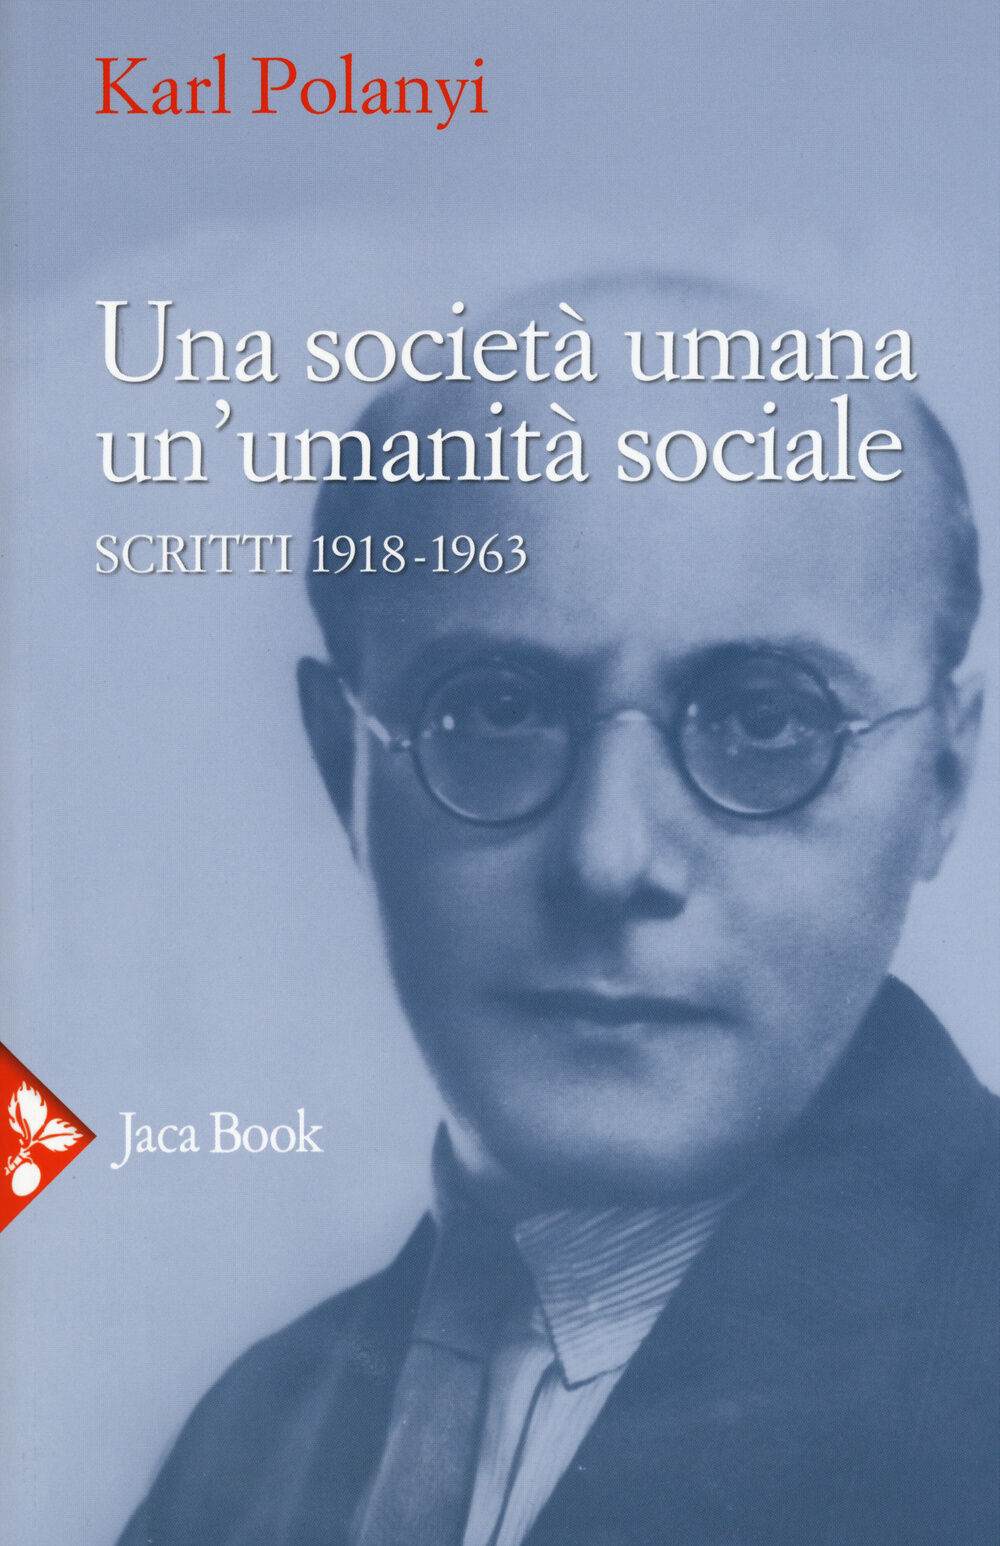 Una società umana, un'umanità sociale. Scritti (1918-1963)